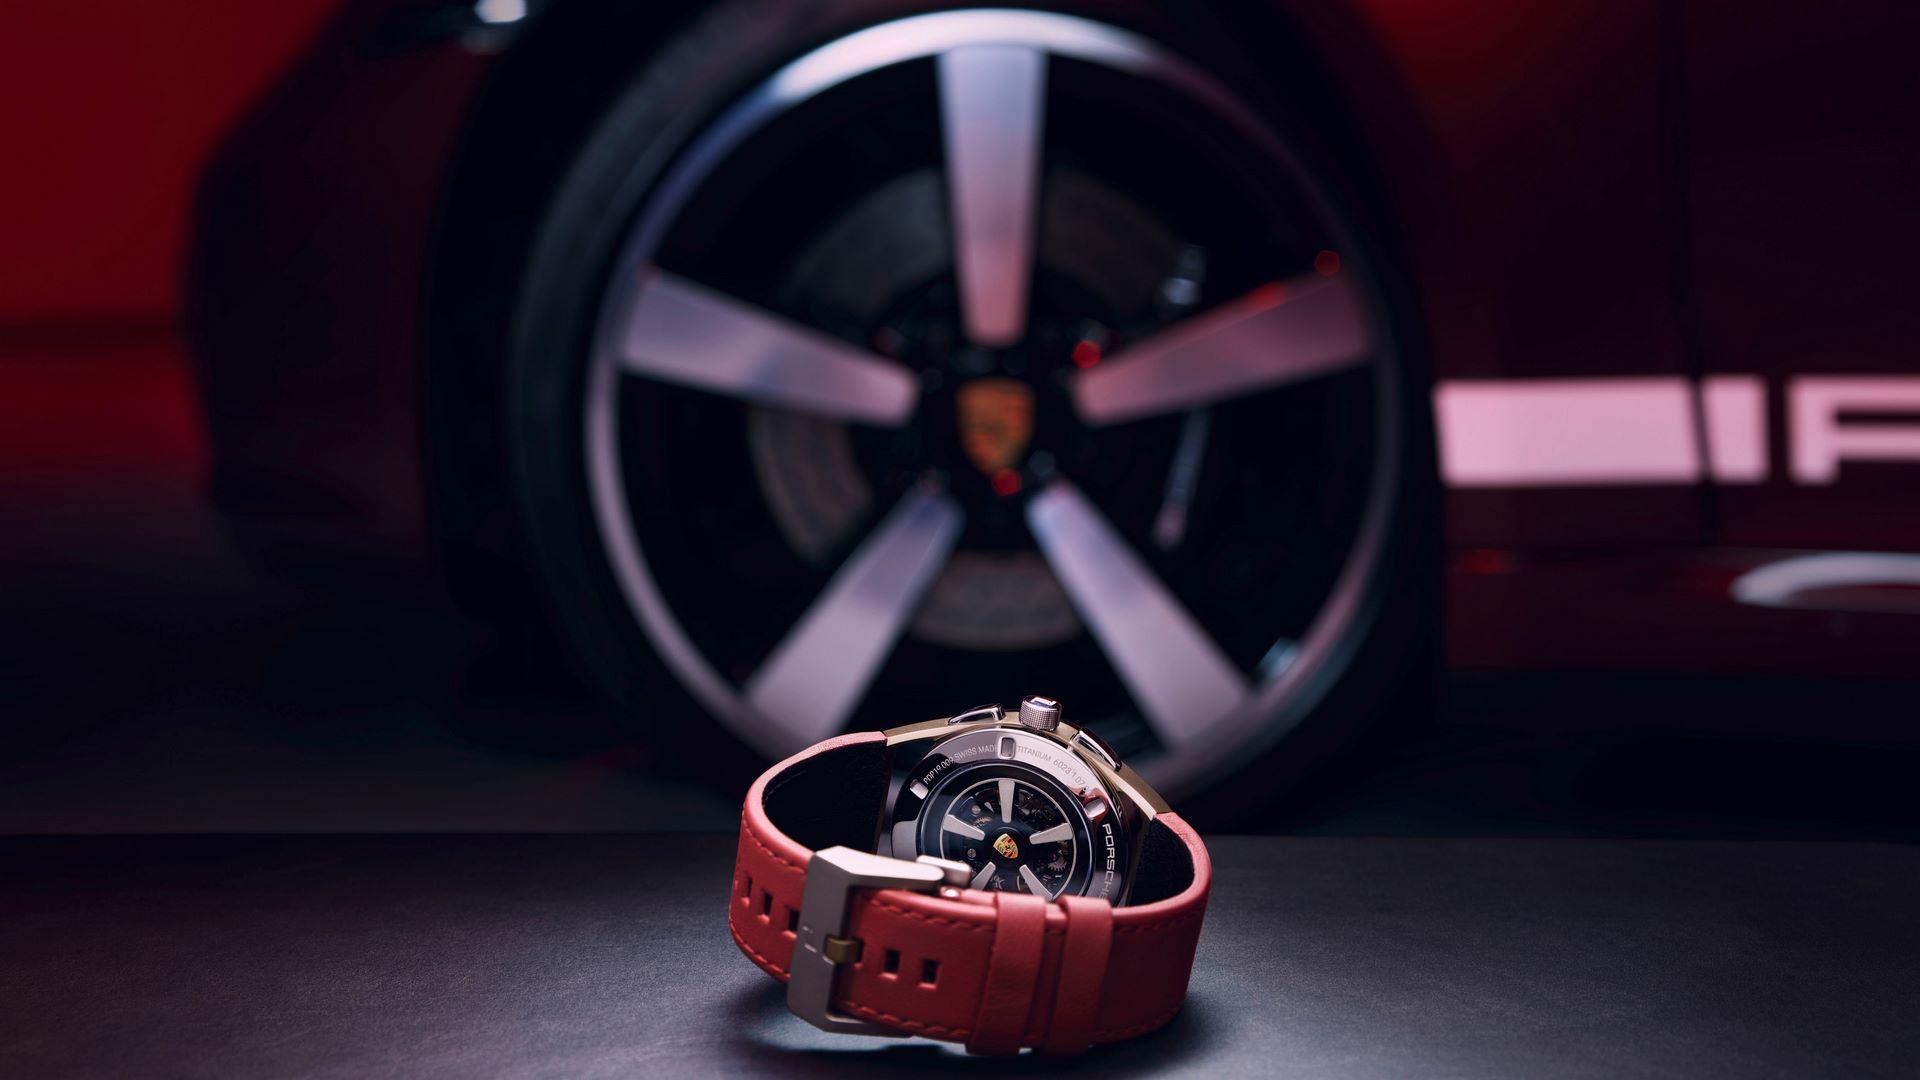 Porsche-911-Targa-4S-Heritage-Design-Edition-chronograph-4